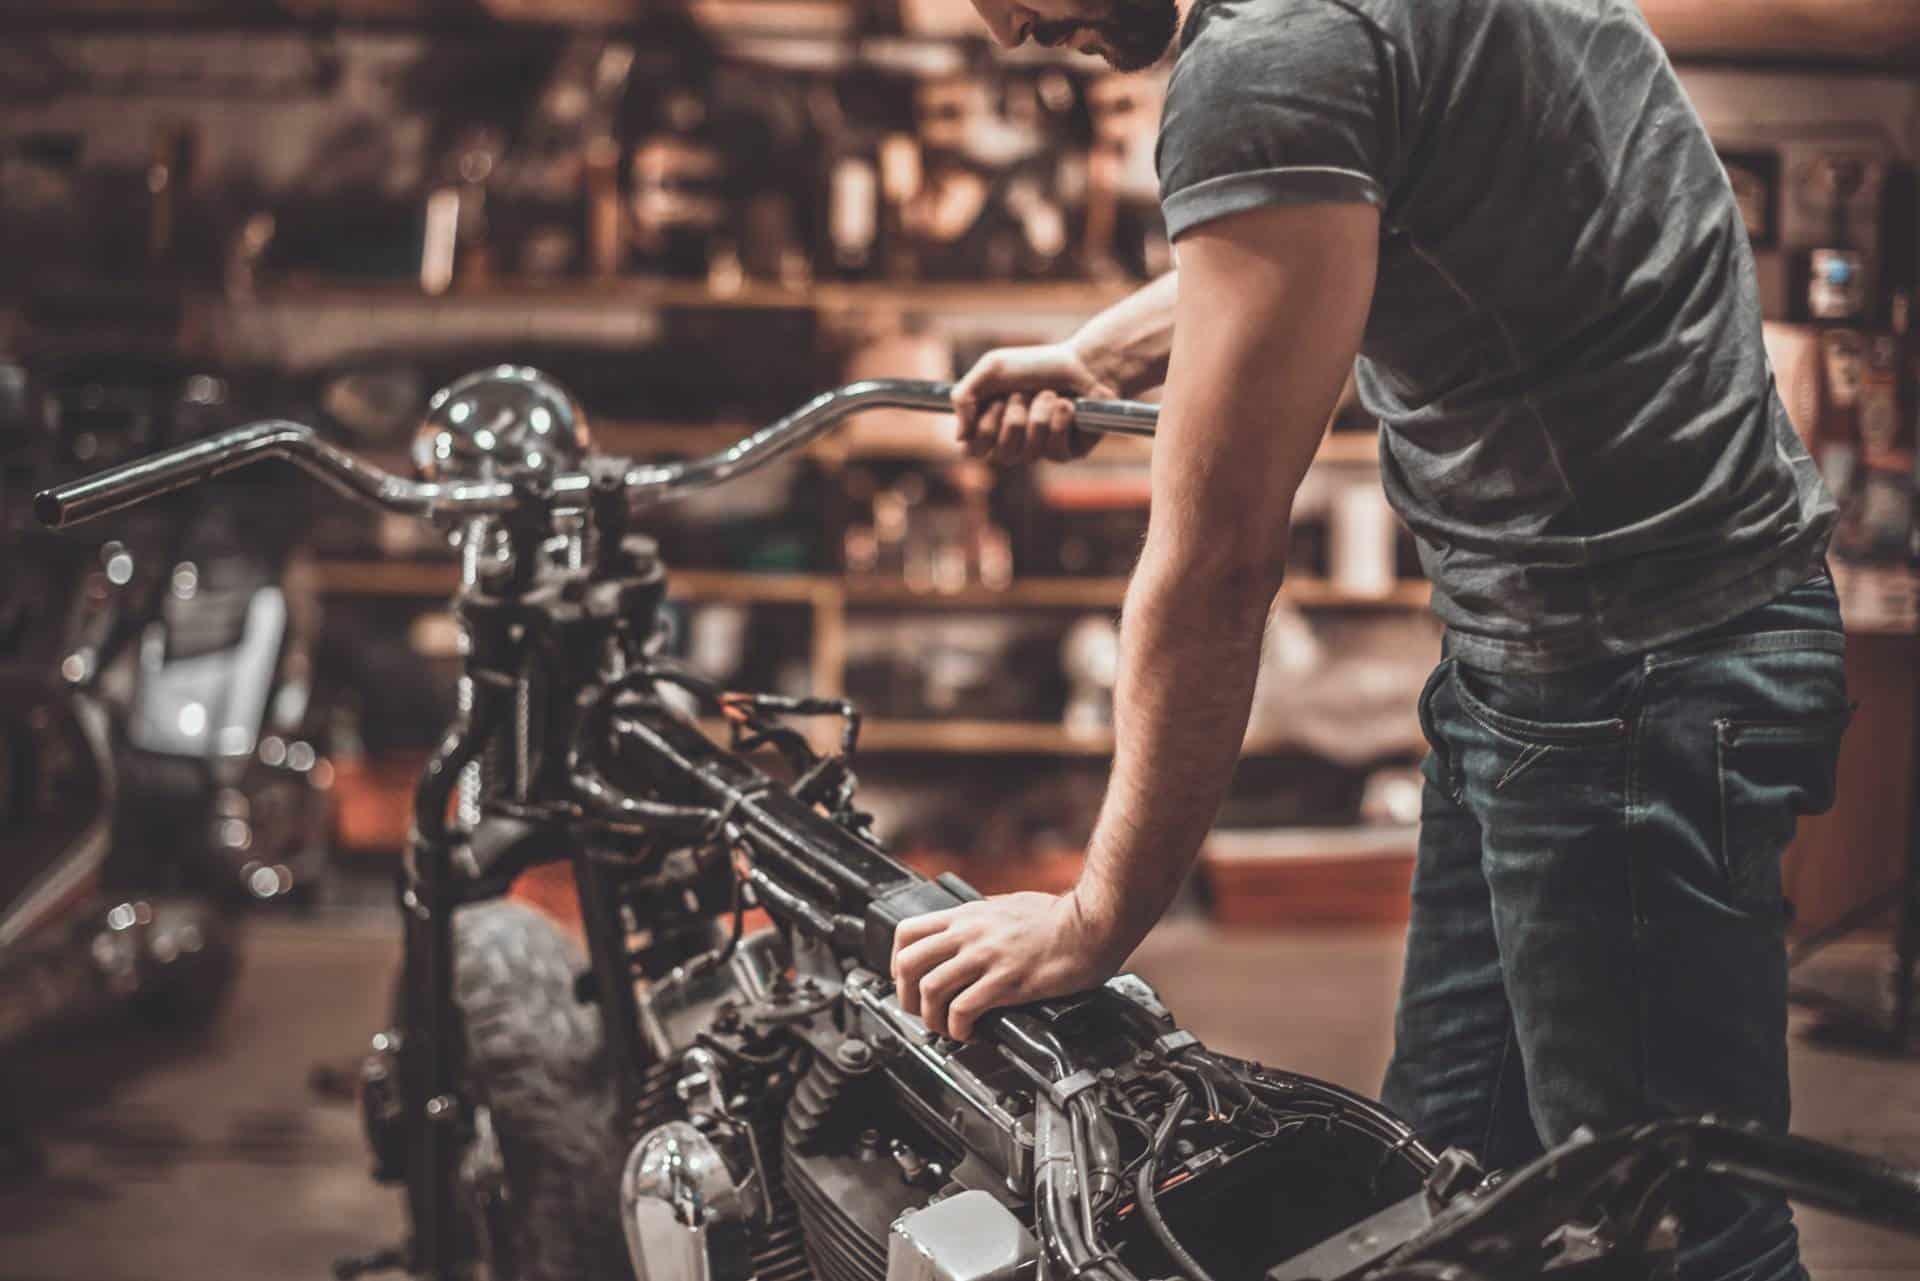 Wymiana oleju w motocyklu. Najczęstsze błędy. Czego nie robić. poradnik